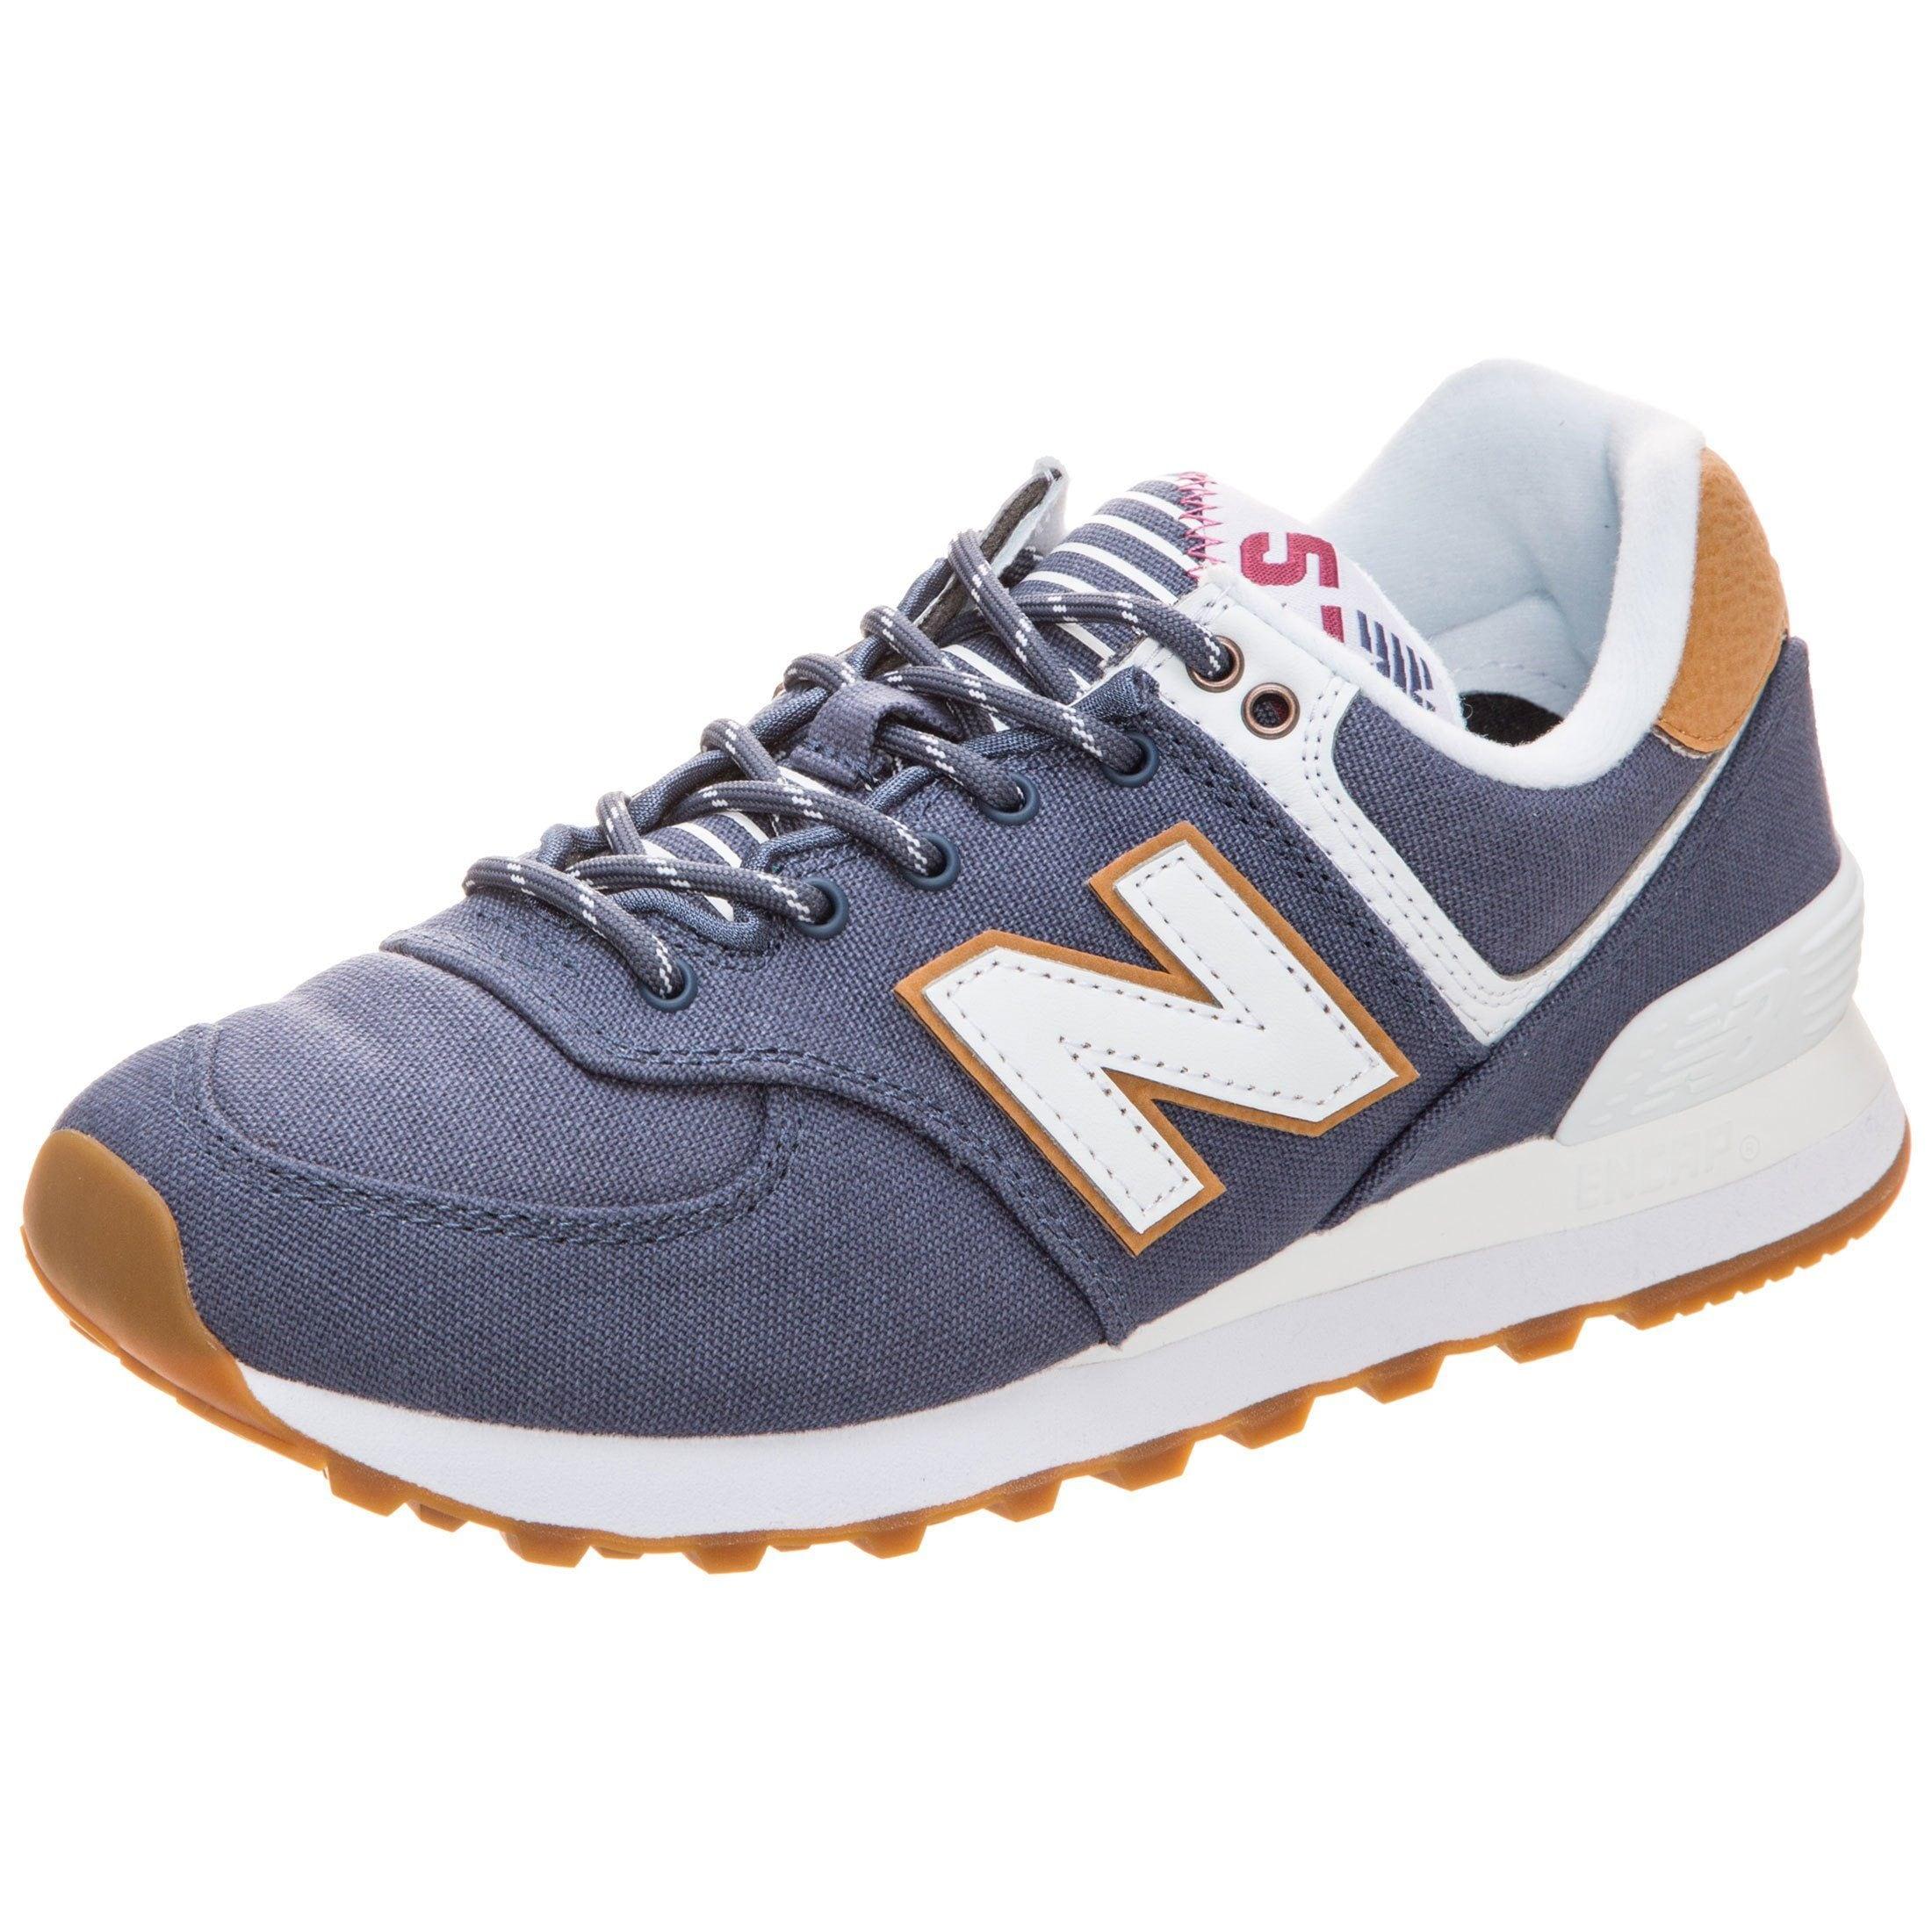 New Balance Sneaker »Wl574-syd-b«  online kaufen | Gutes Preis-Leistungs-Verhältnis, es lohnt sich